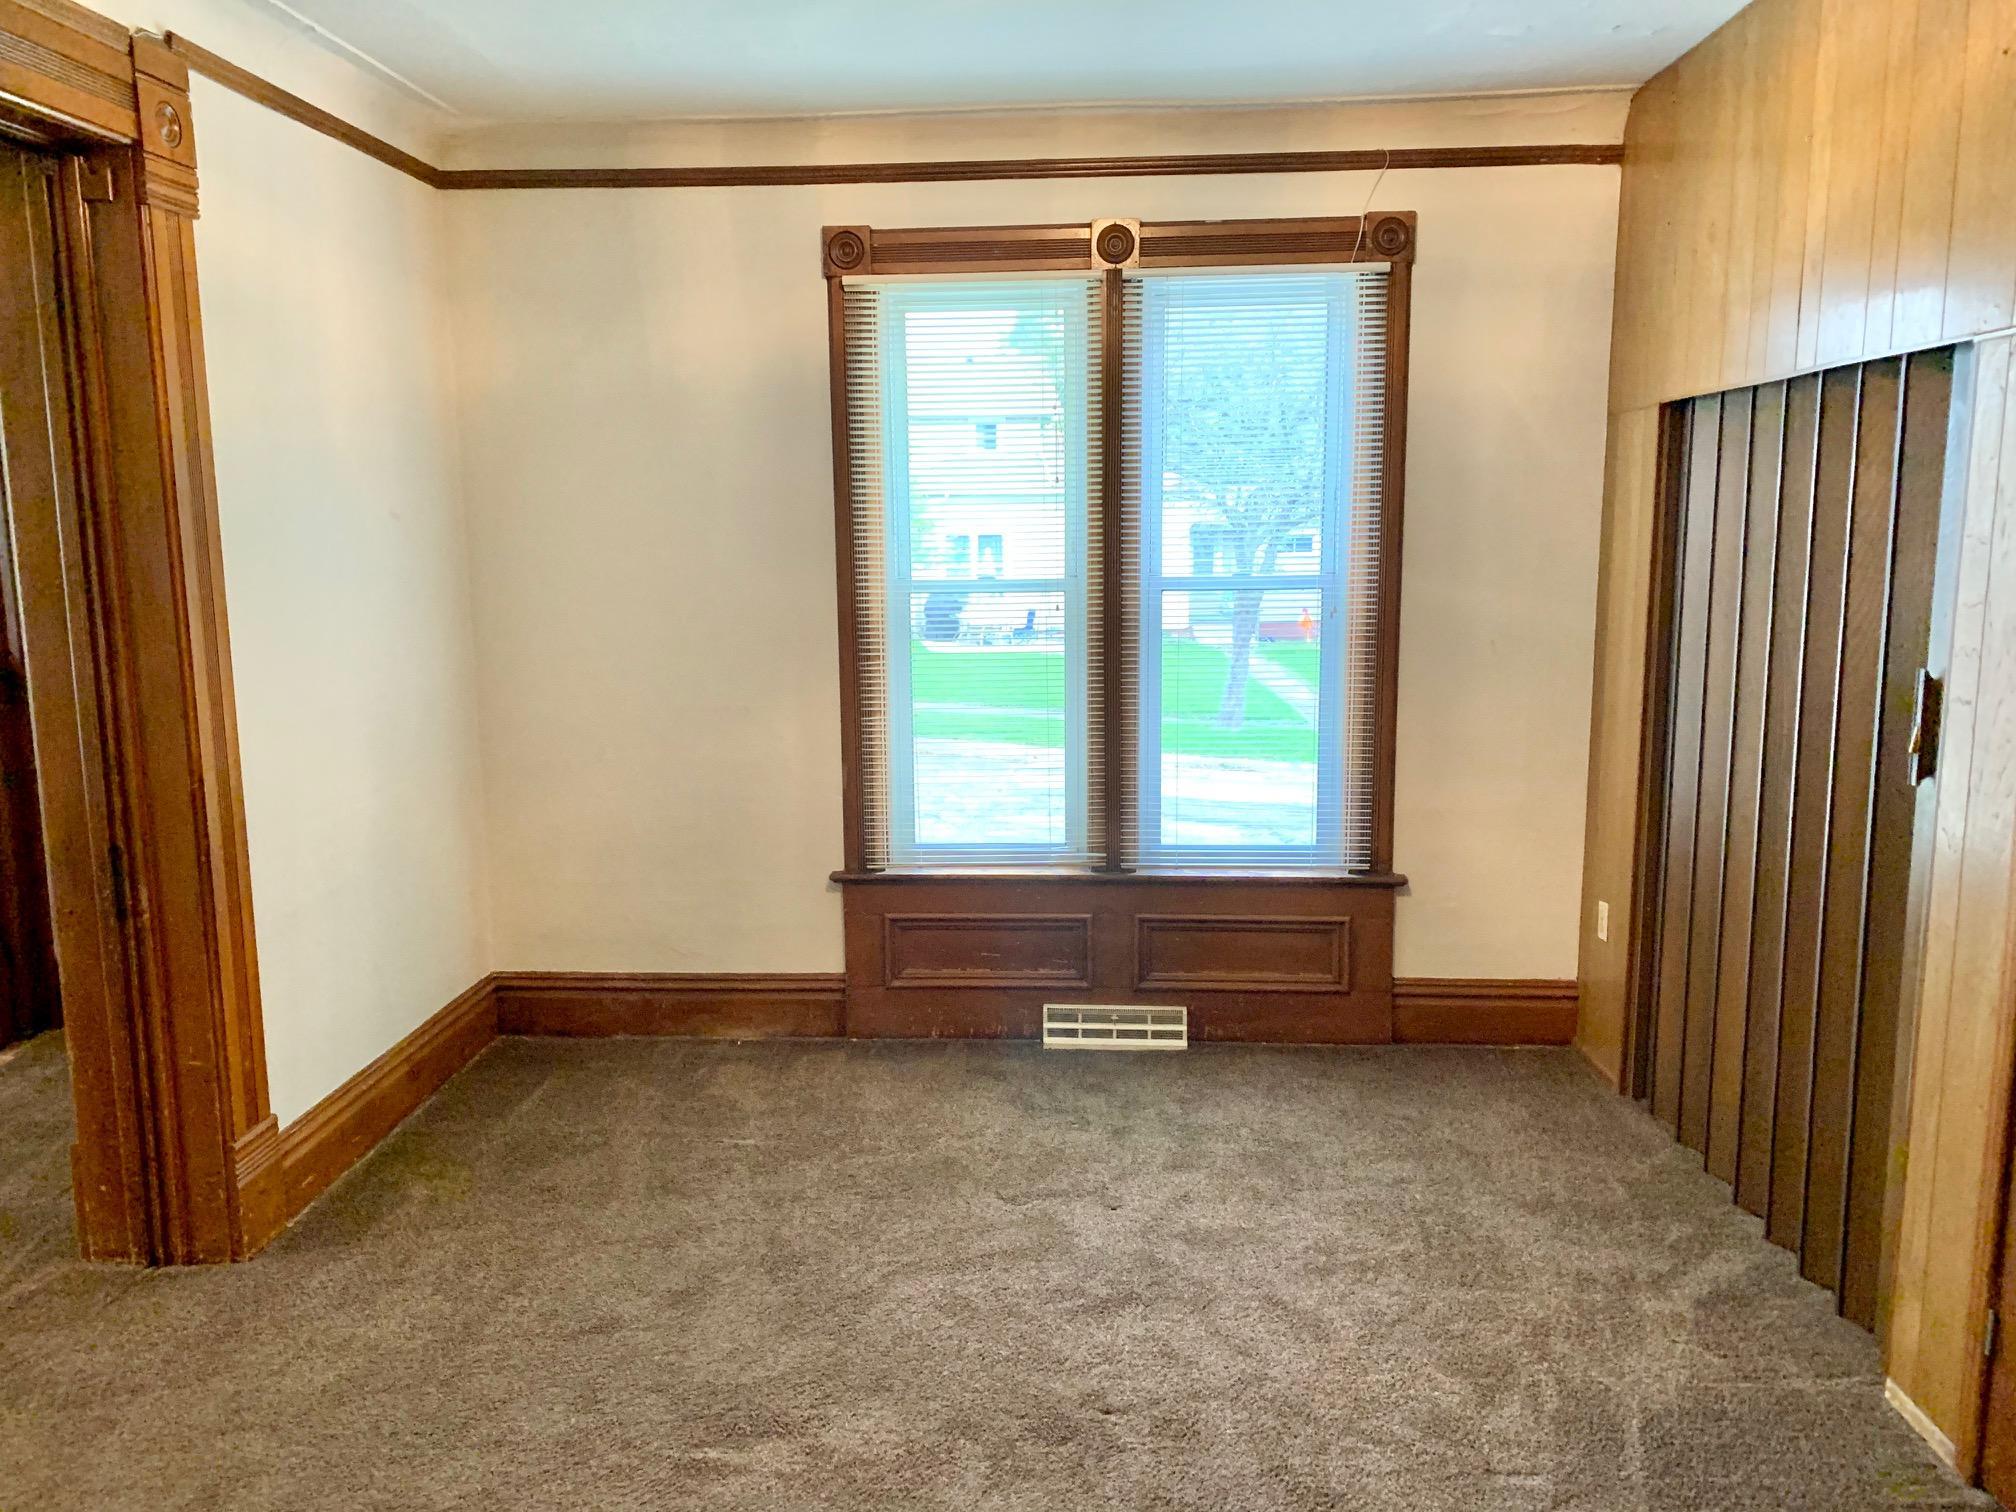 309 N Church St pic lower apartment 1